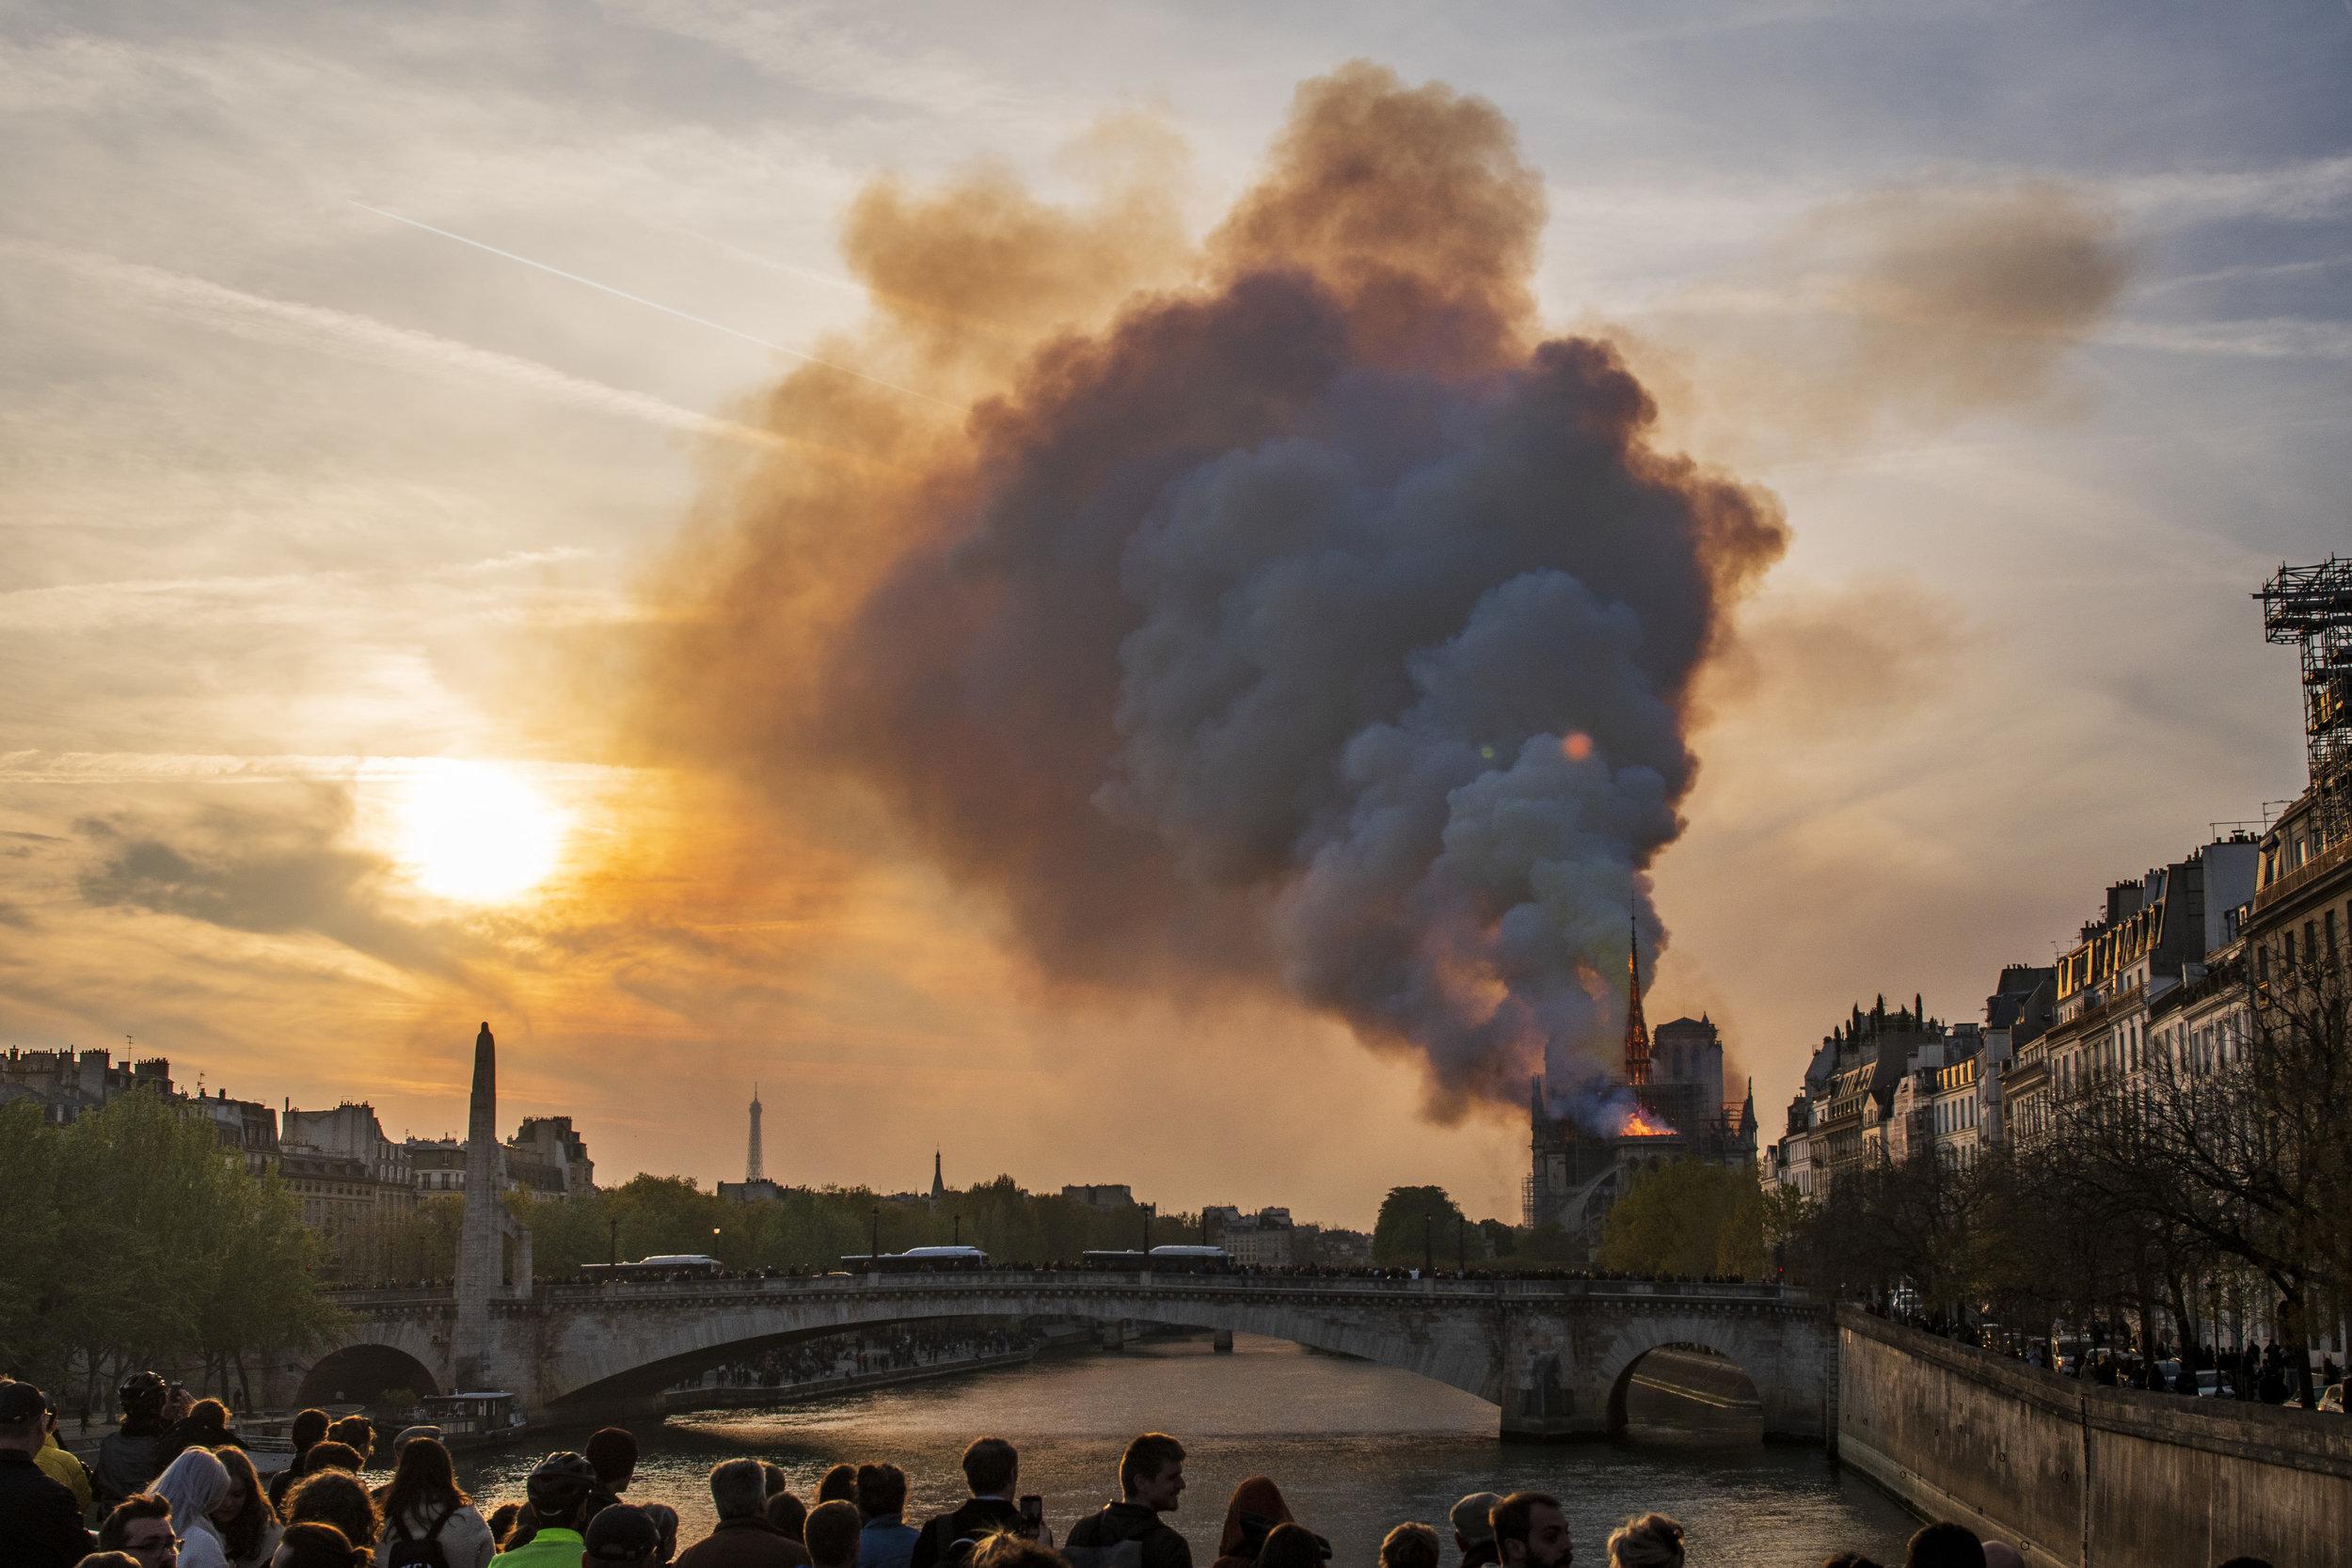 Notre Dame Fire 15/April/2019  PHOTOGRAPHY: ALEXANDER J.E. BRADLEY • NIKON D500 • AF-S NIKKOR 24-70MM Ƒ/2.8G ED @ 32MM • Ƒ/16 • 20 sec • ISO 50